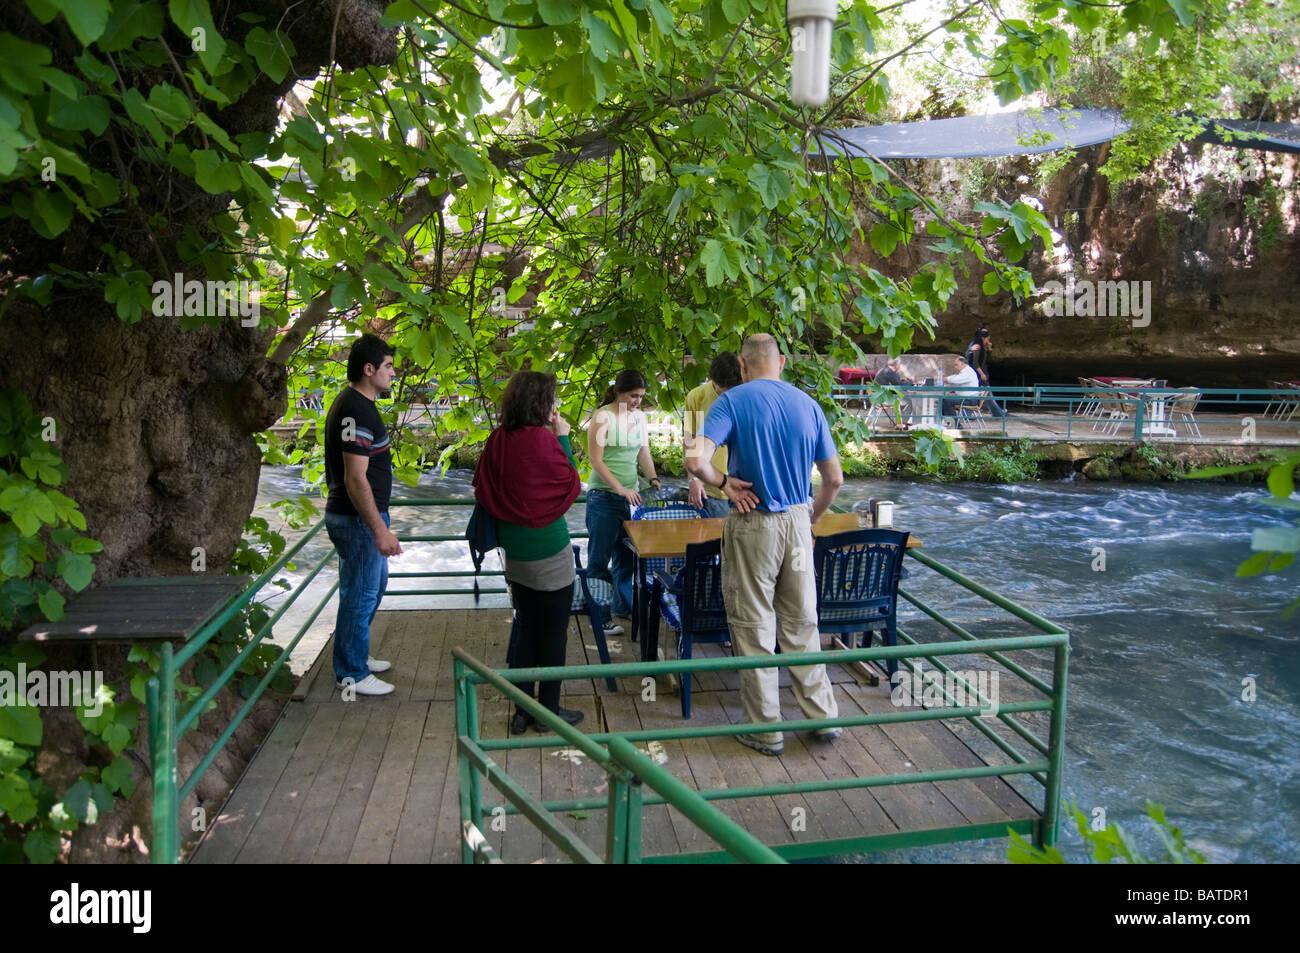 La Turchia Antalya superiore fiume Duden una famiglia in un ristorante di pesce sul fronte fiume modello di rilascio Immagini Stock